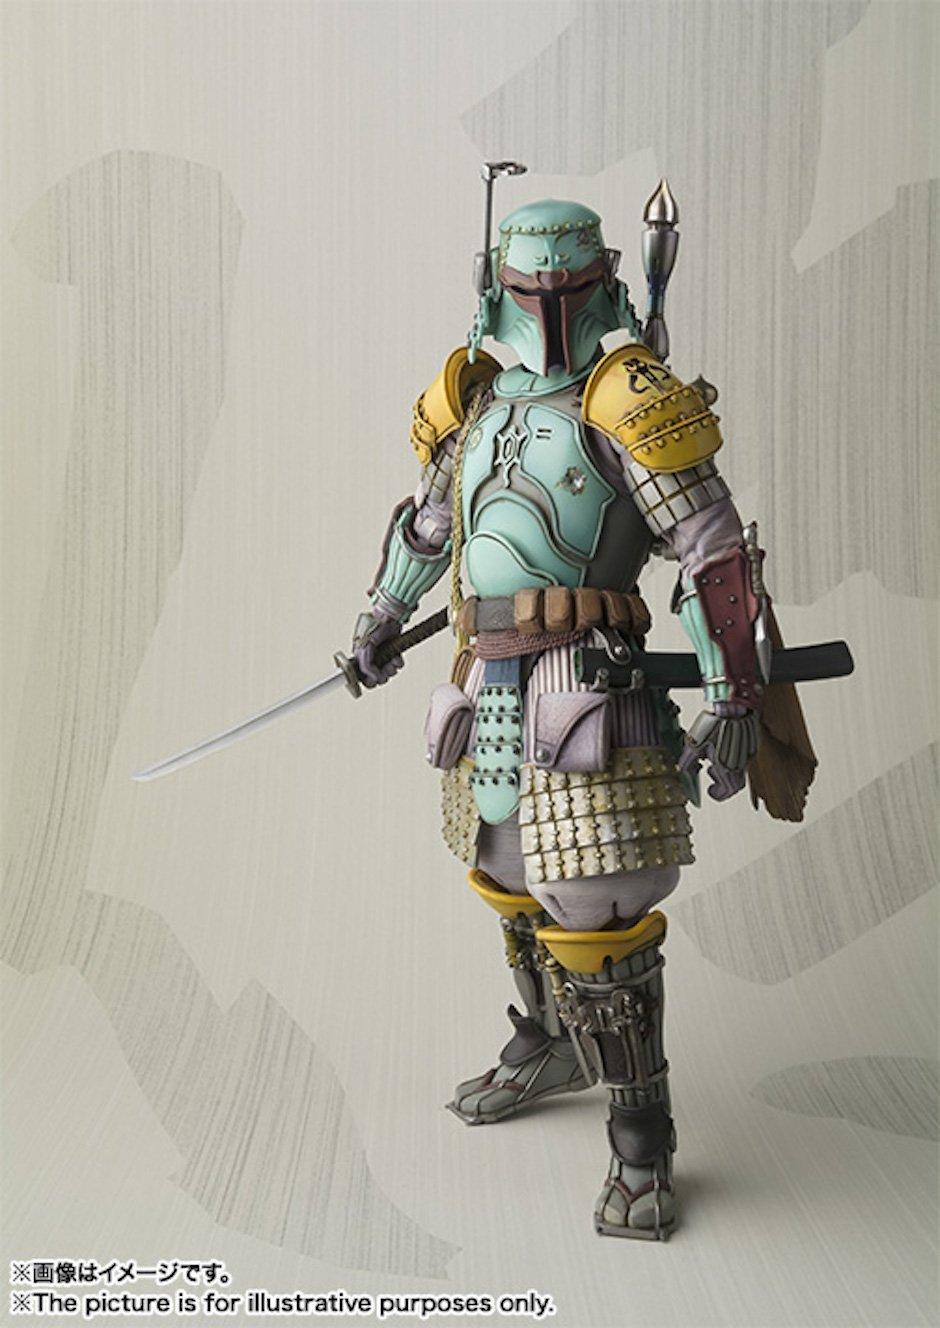 boba-fett-samurai